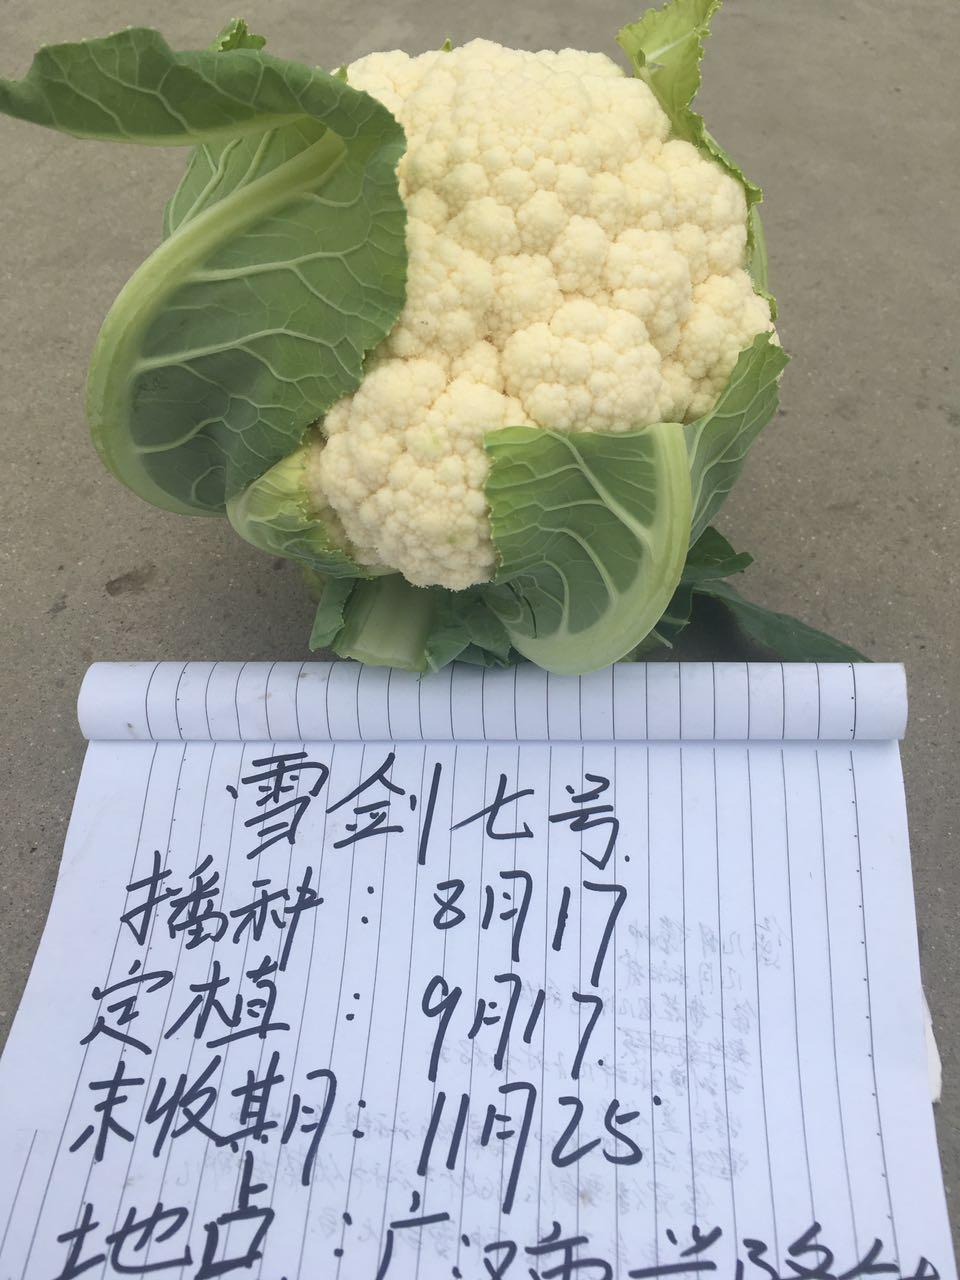 雪剑七号在四川兴隆镇的表现